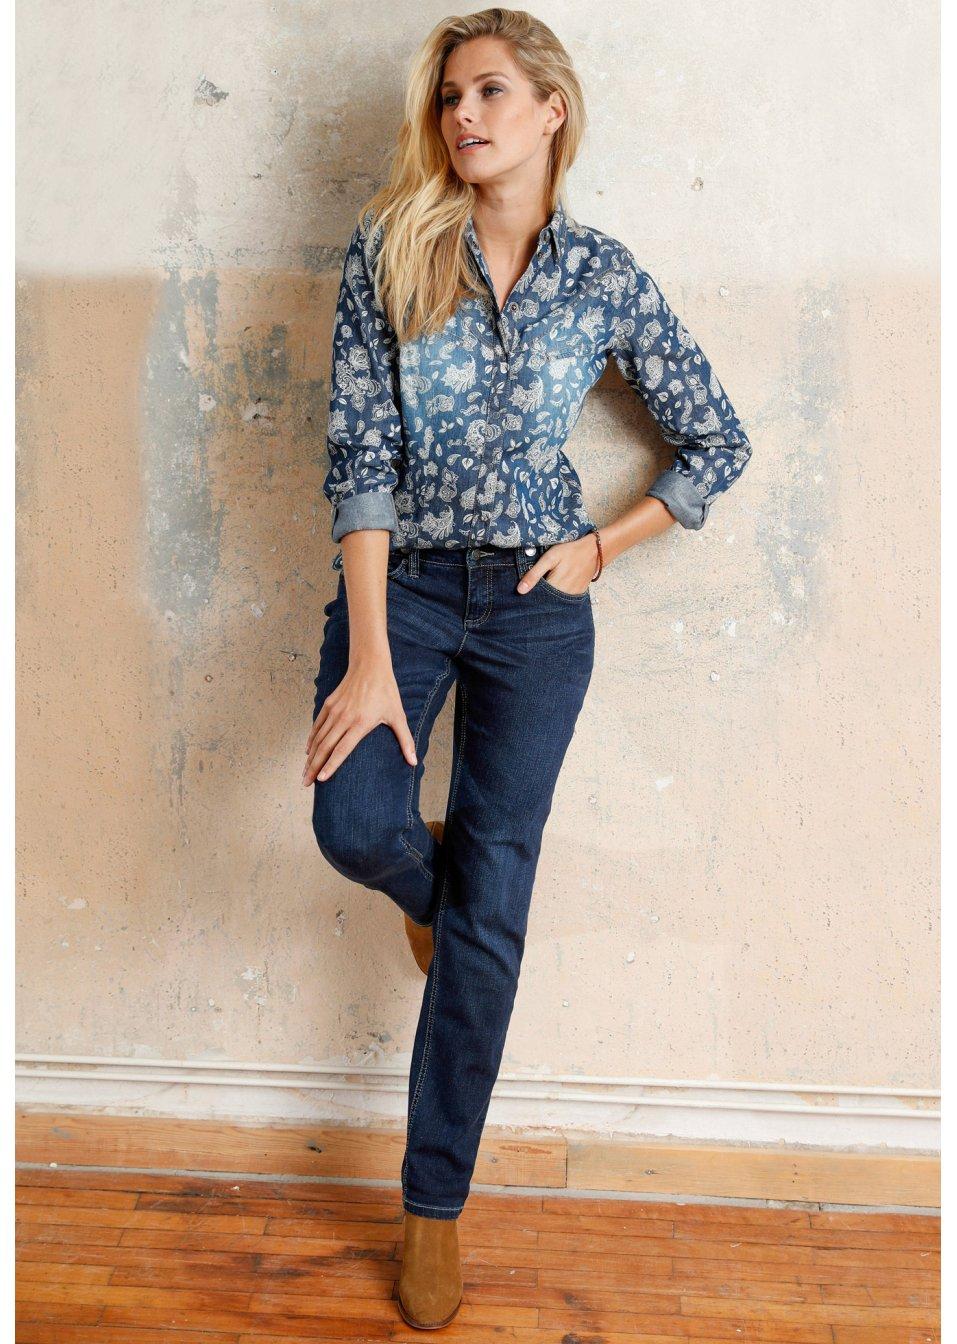 Damen Jeanshemden jetzt bei bonprix bestellen